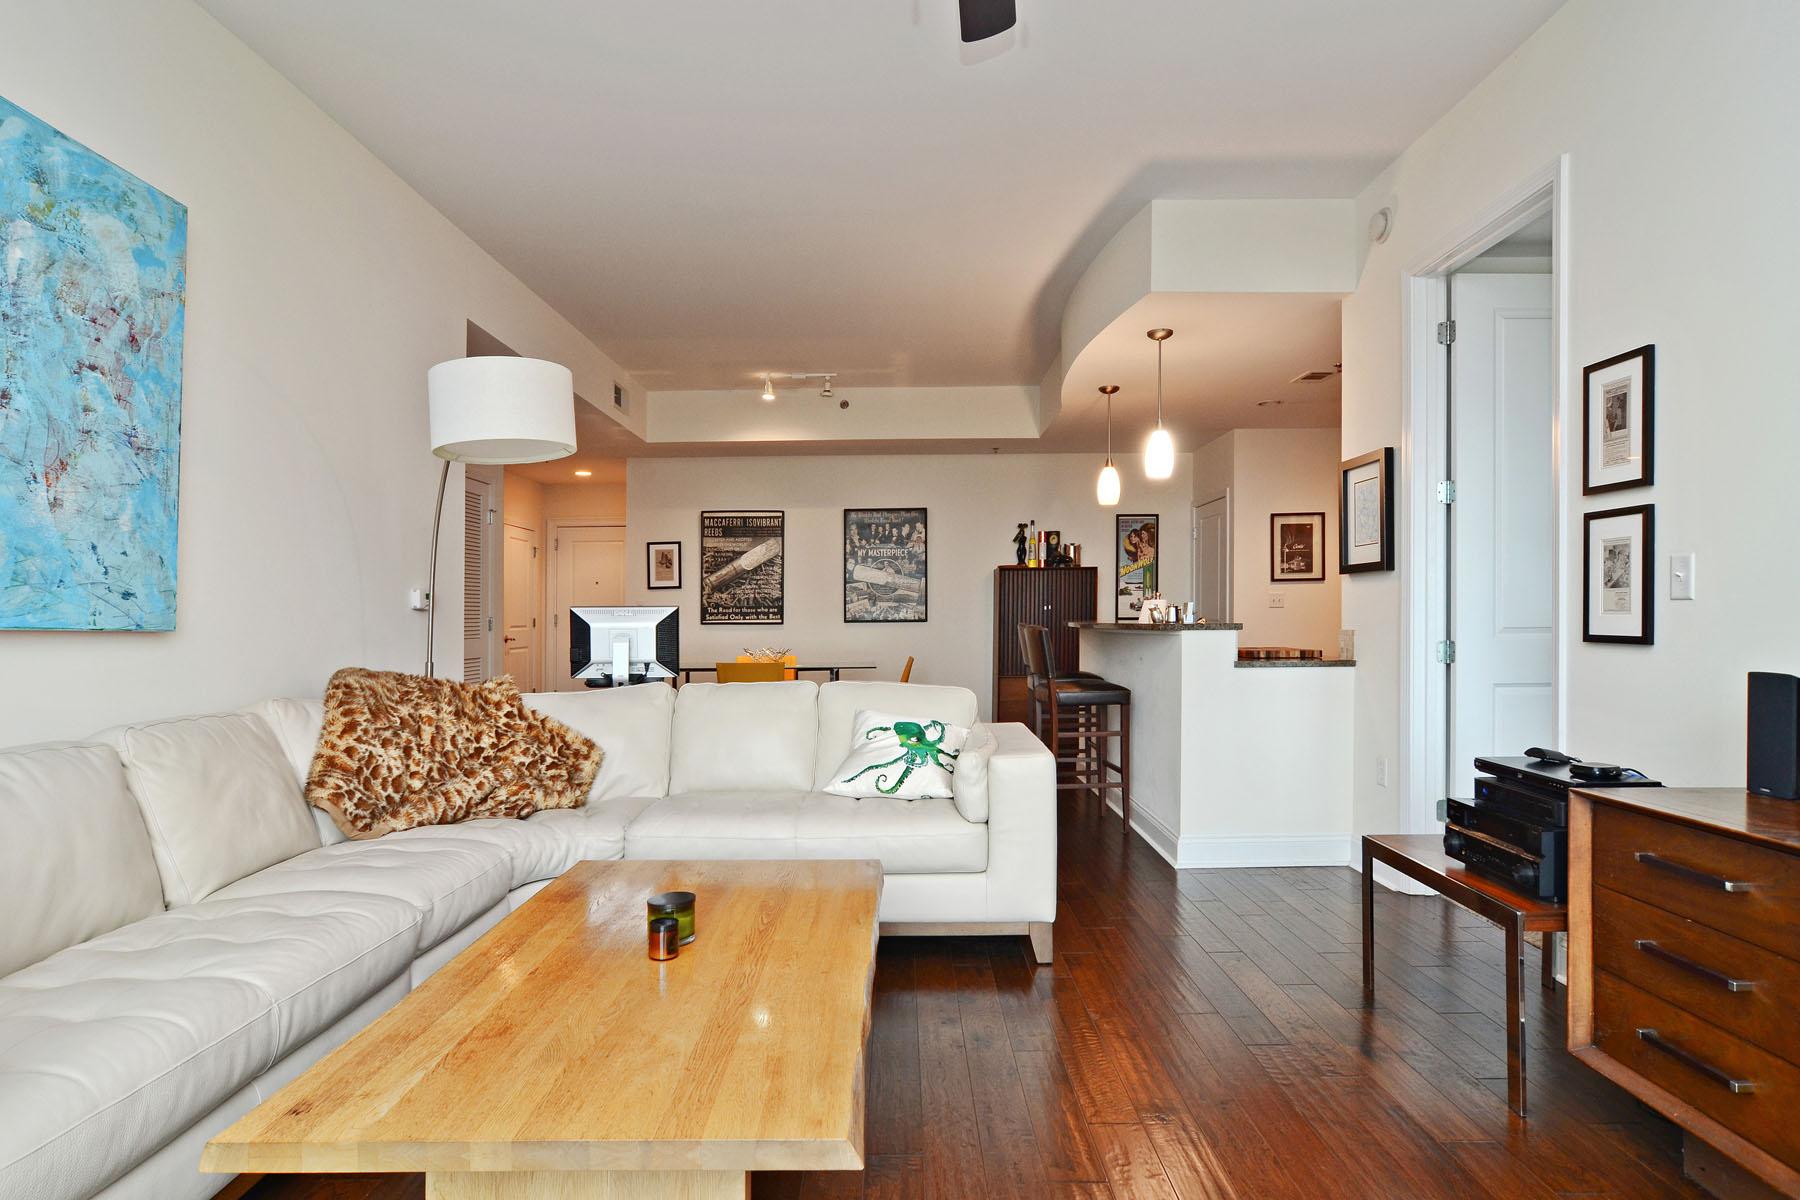 Condominium for Rent at City Living in a Luxury Rise Condo 270 17th Street NW Unit 1507 Atlanta, Georgia 30363 United States